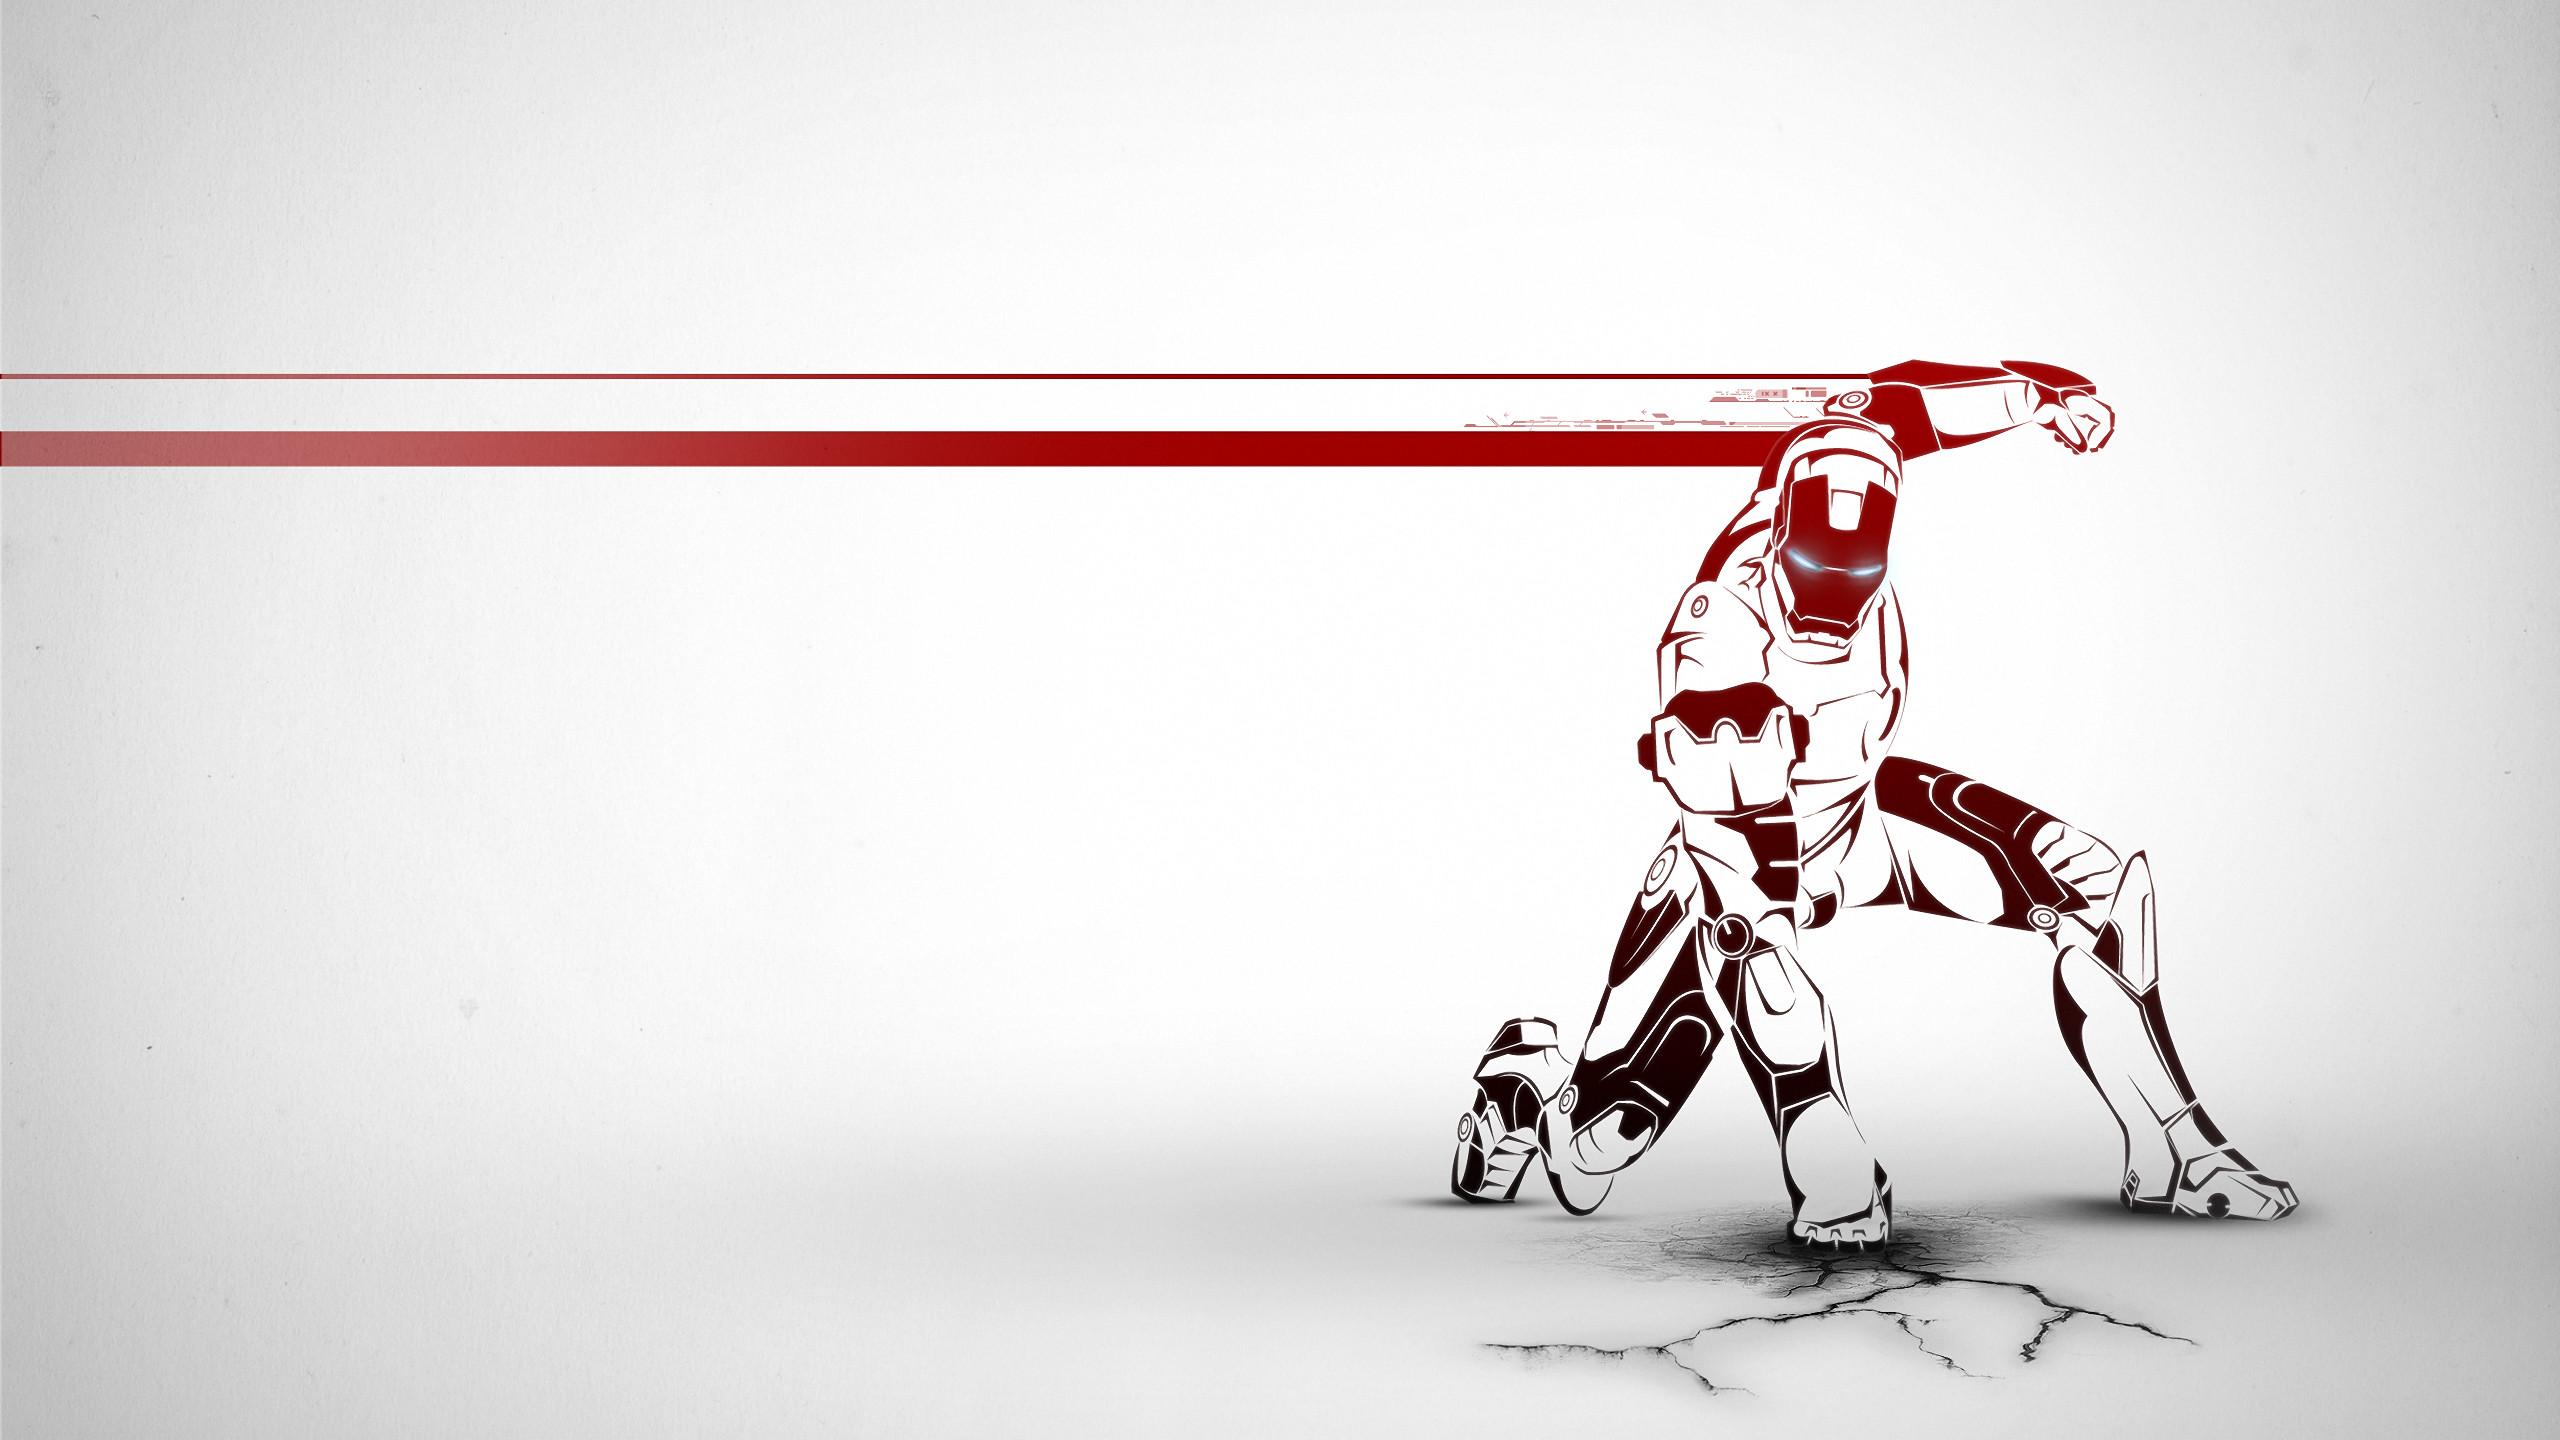 Best Wallpaper Ironman 1080p